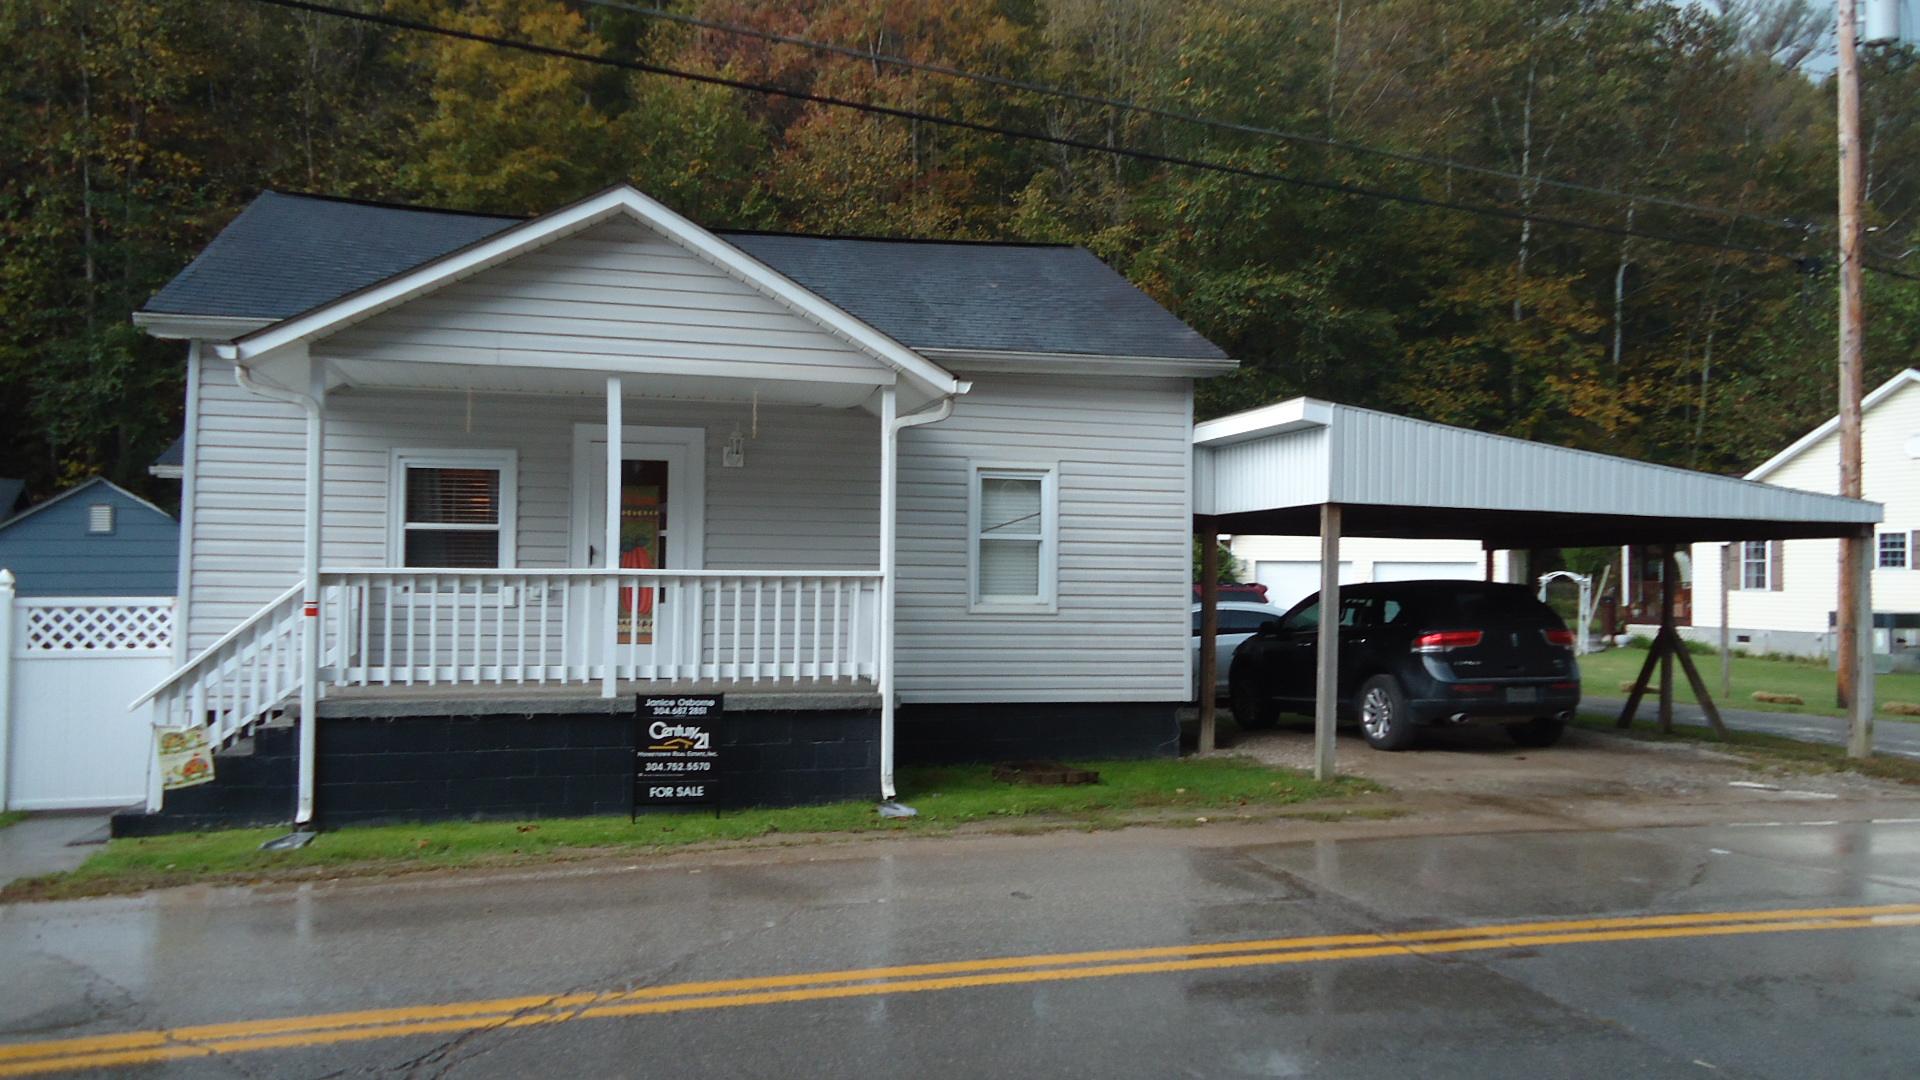 419 2nd Davis Camp, Holden, West Virginia 25625